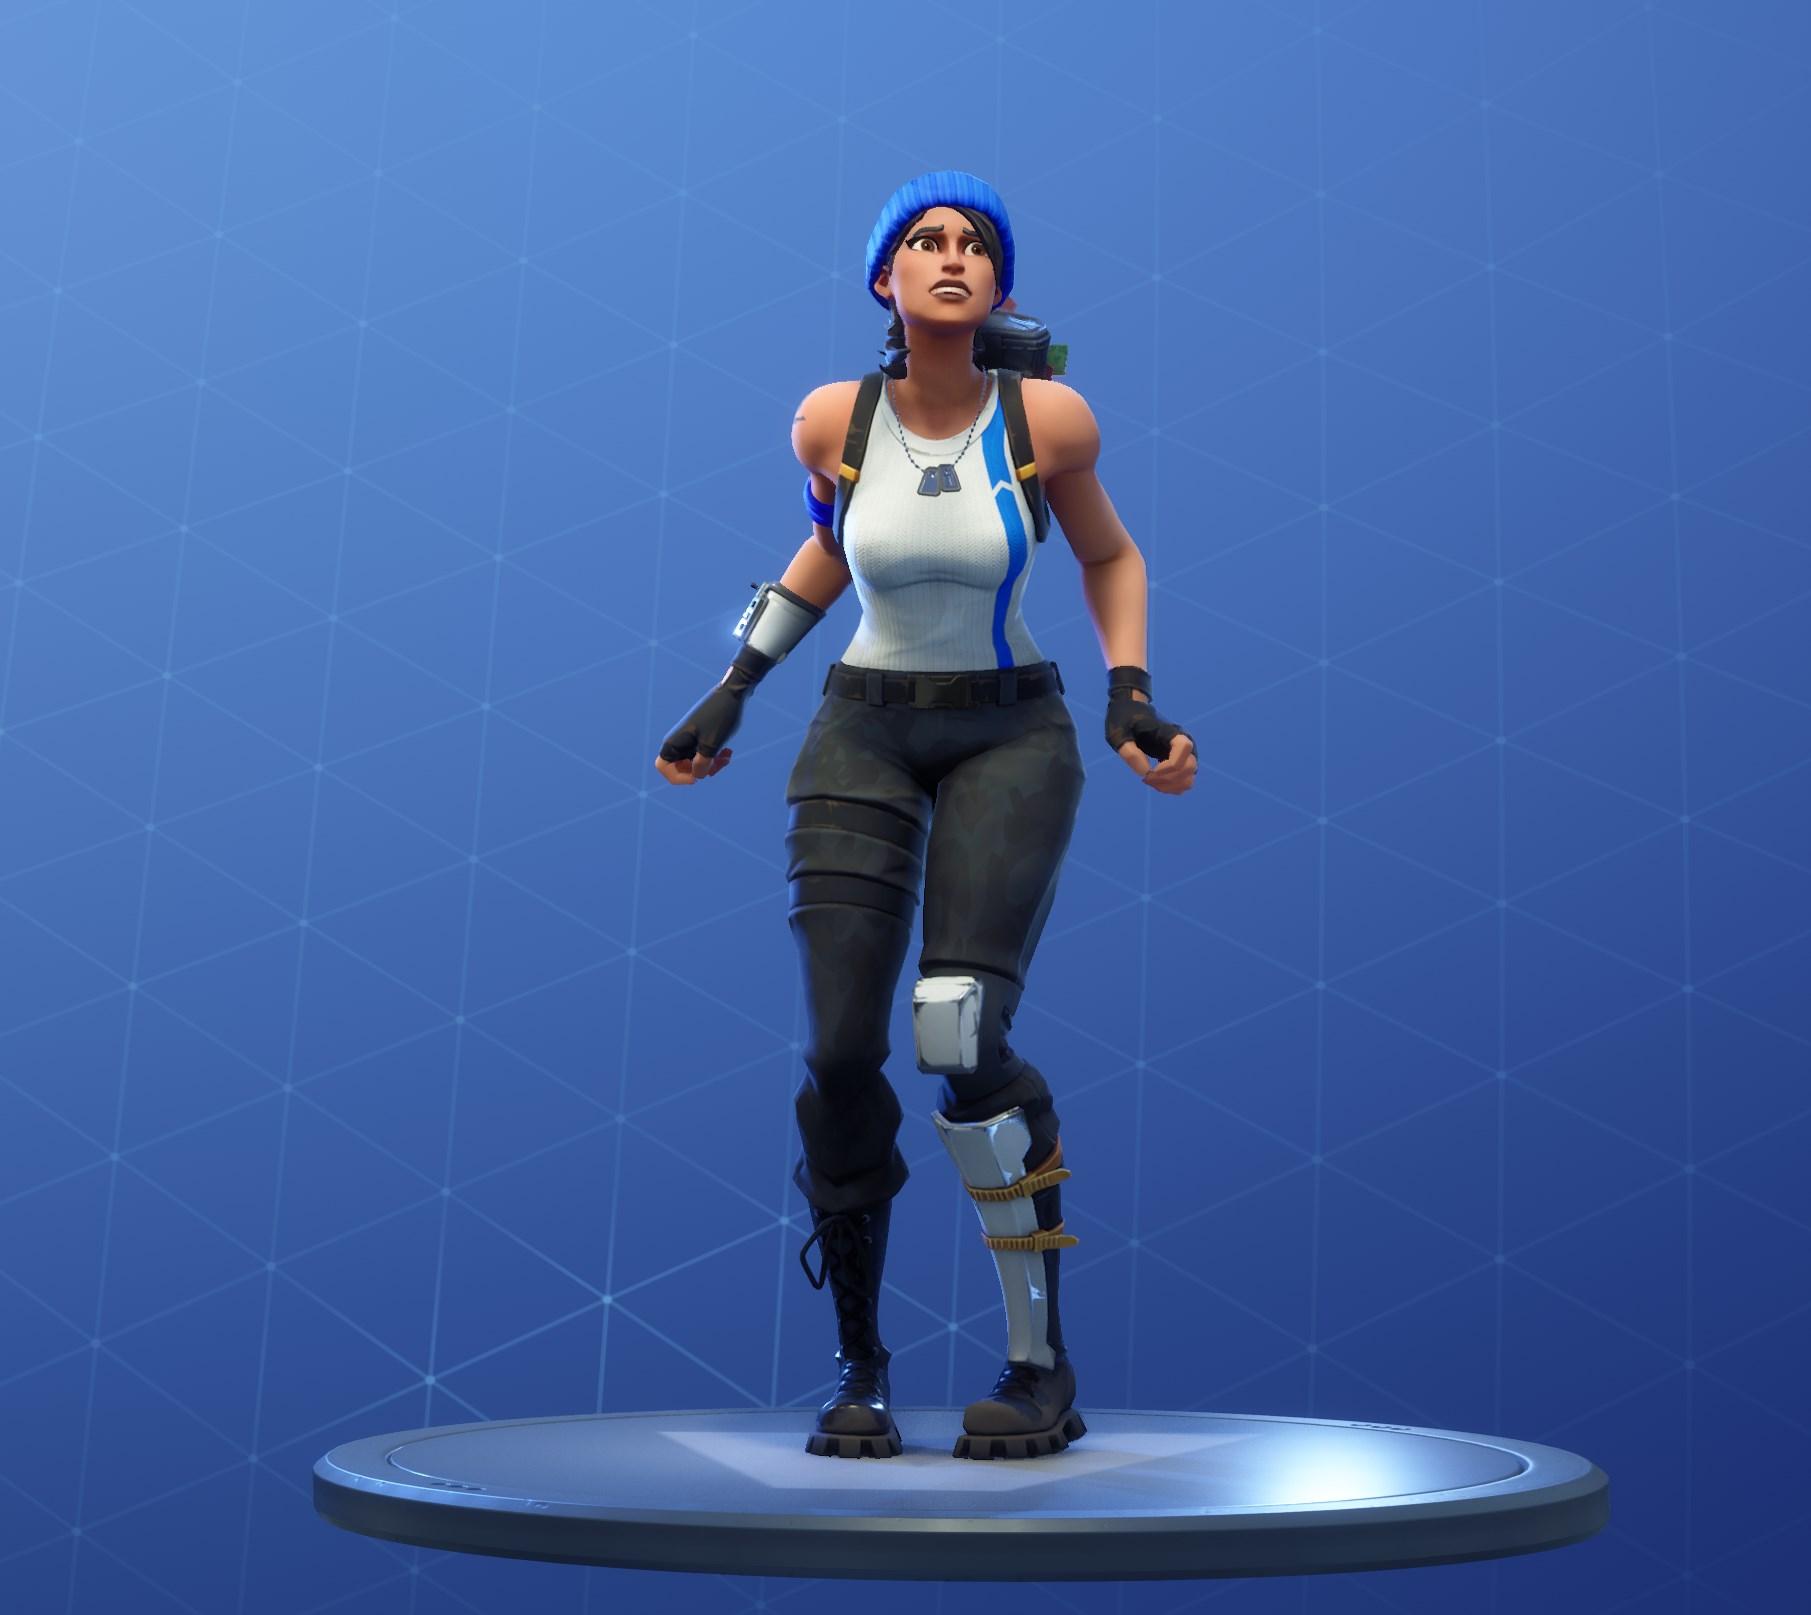 Its Go Time Dance Emotes Fortnite Skins